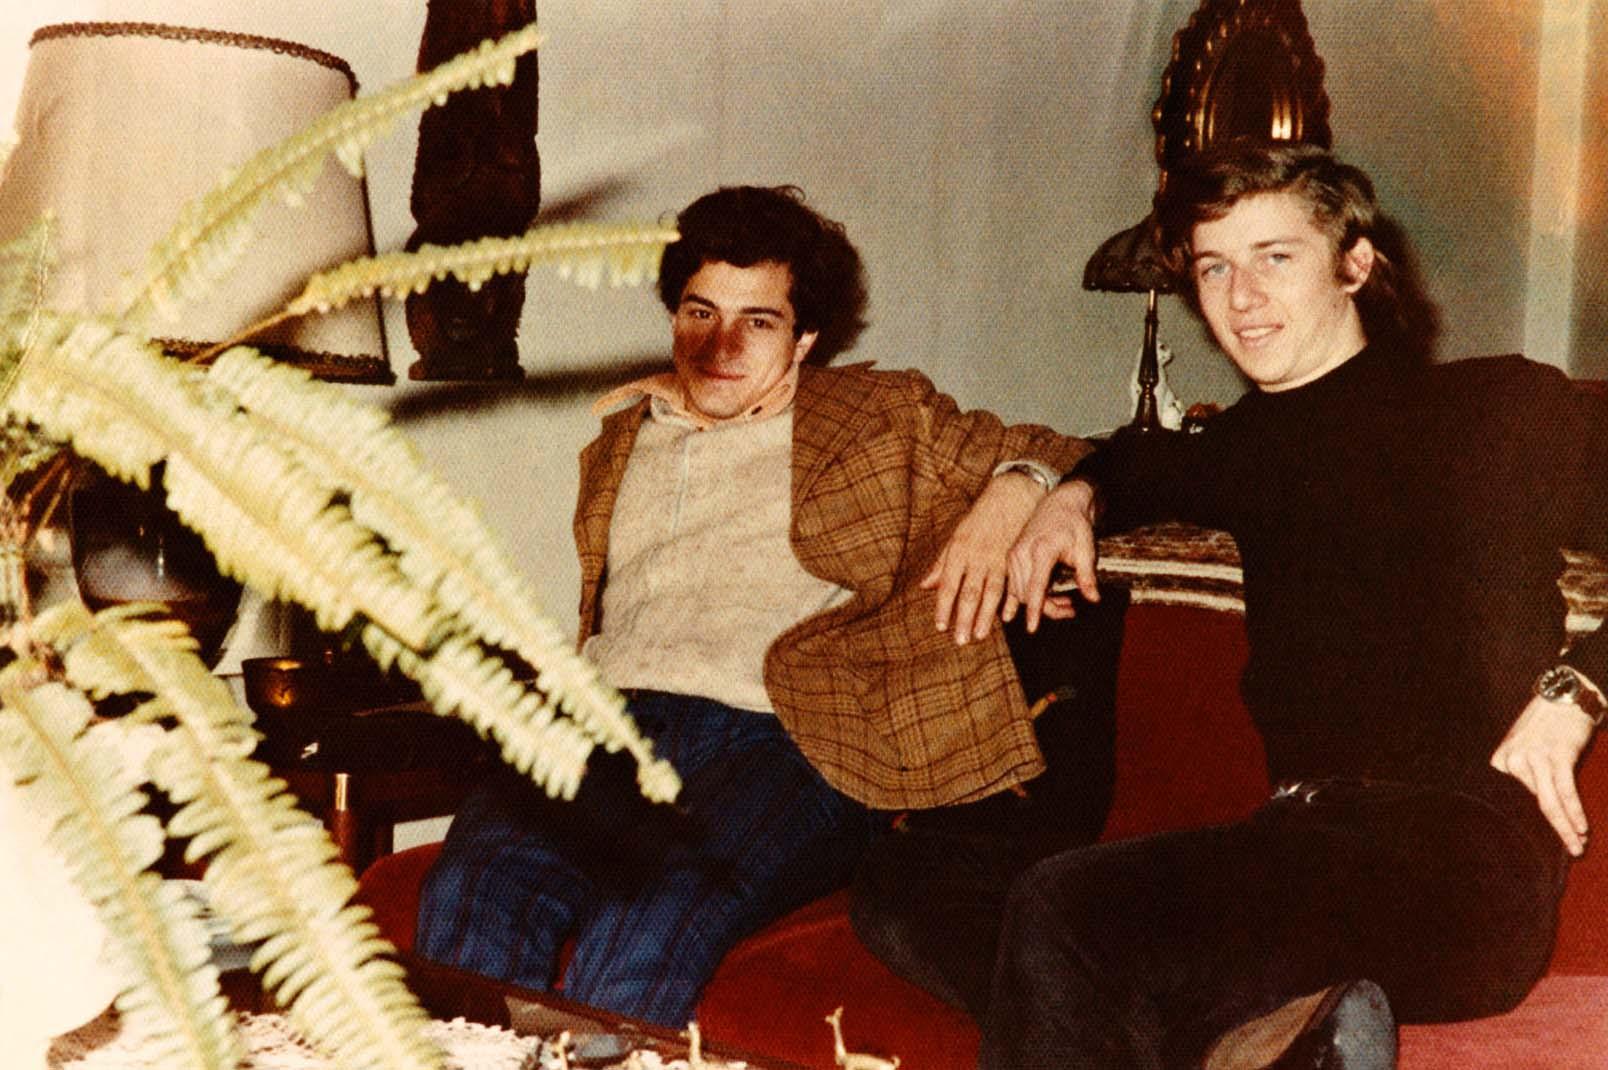 02---buena-memoria,-martin-mi-amigo,-juntos-en-la-casa,-circa-1972-2